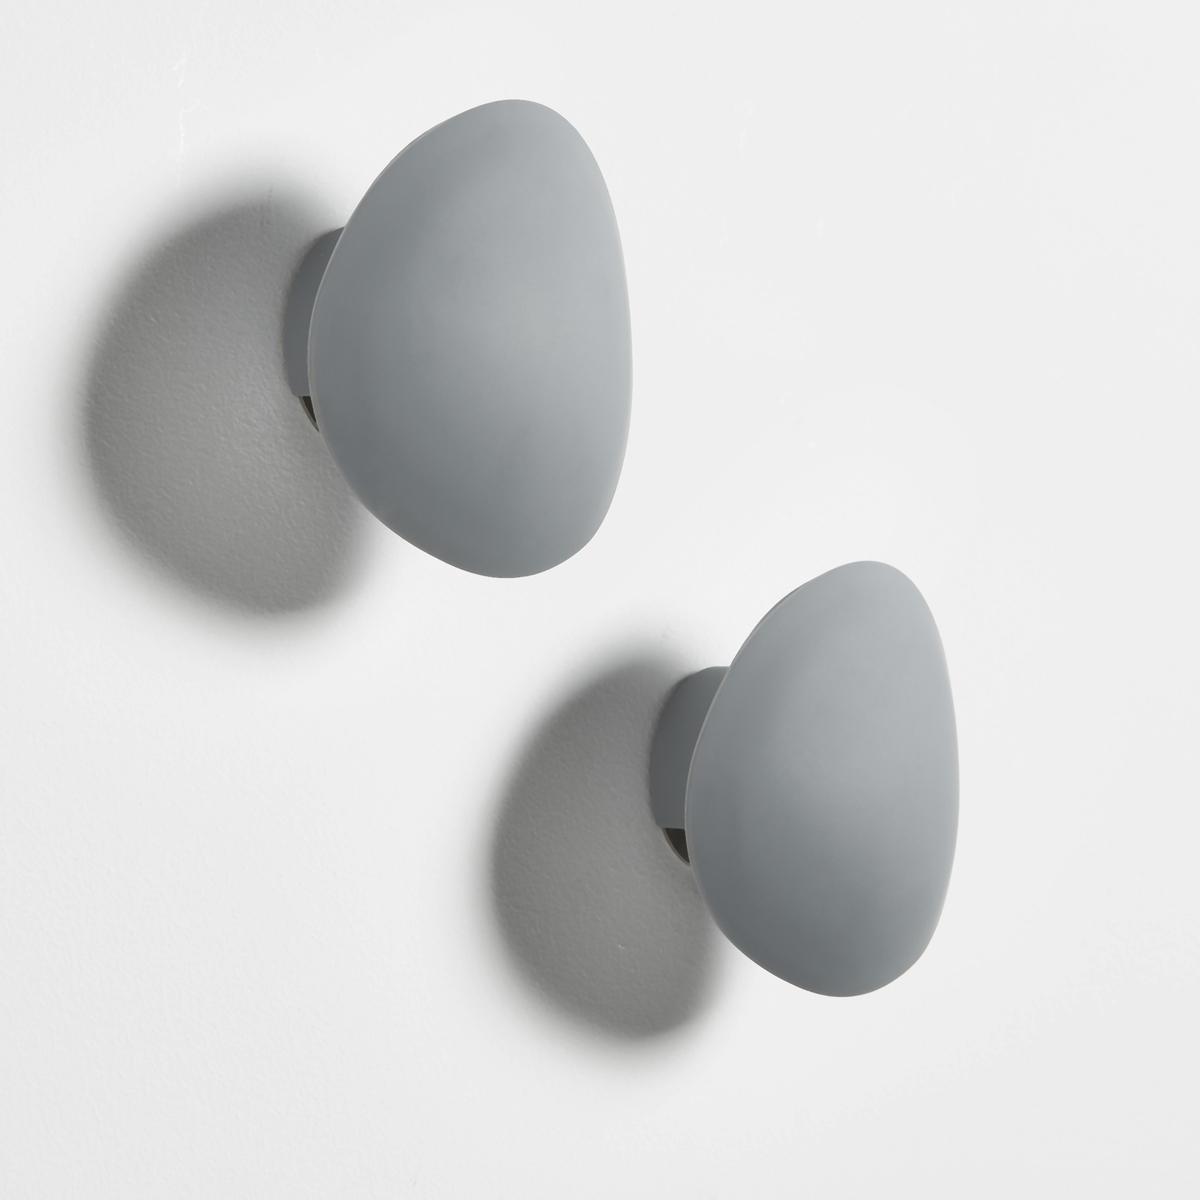 Вешалка в форме гальки, 2 шт.Комплект из 2 вешалок в форме гальки - оригинальное украшение в стиле дзенОписание вешалки:Комплект из 2 вешалок в форме гальки для крепления к стенеХарактеристики вешалок:Комплект из 2 вешалок в форме гальки из АБС-пластикаКрючок из нержавеющего металла с хромированной отделкой.Размеры вешалки: Д10 x В10 x Г4 смВес : 0,058 кг- Шурупы и дюбели продаются отдельноРазмеры упаковки :15 x 0,8 x 1,5 смВес : 0,116 кг<br><br>Цвет: серый,черный